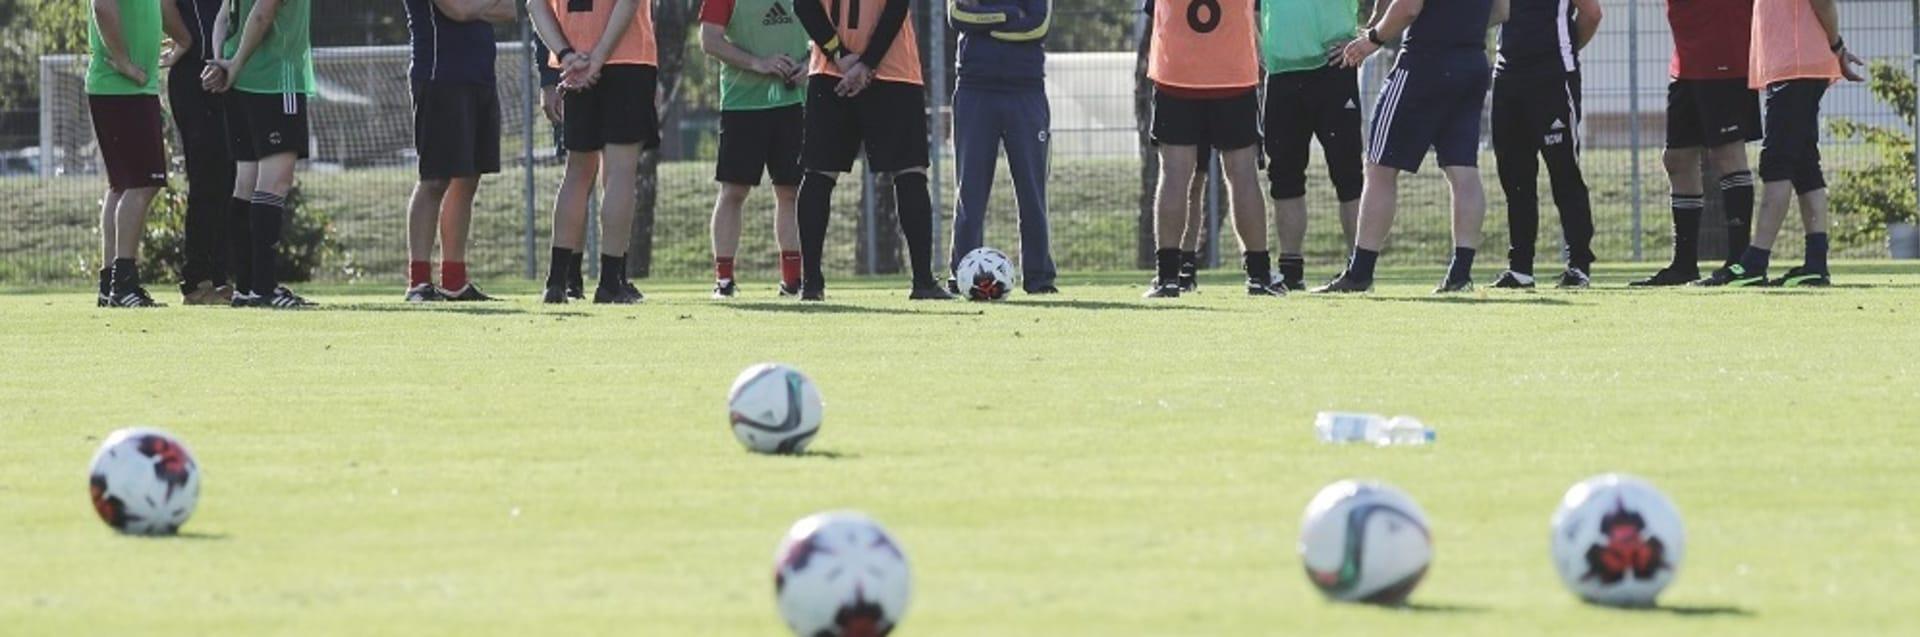 Eine Teilnehmergruppe des Workshops zur DFB-Elite-Jugend-Fortbidung steht auf einem Fußballplatz.